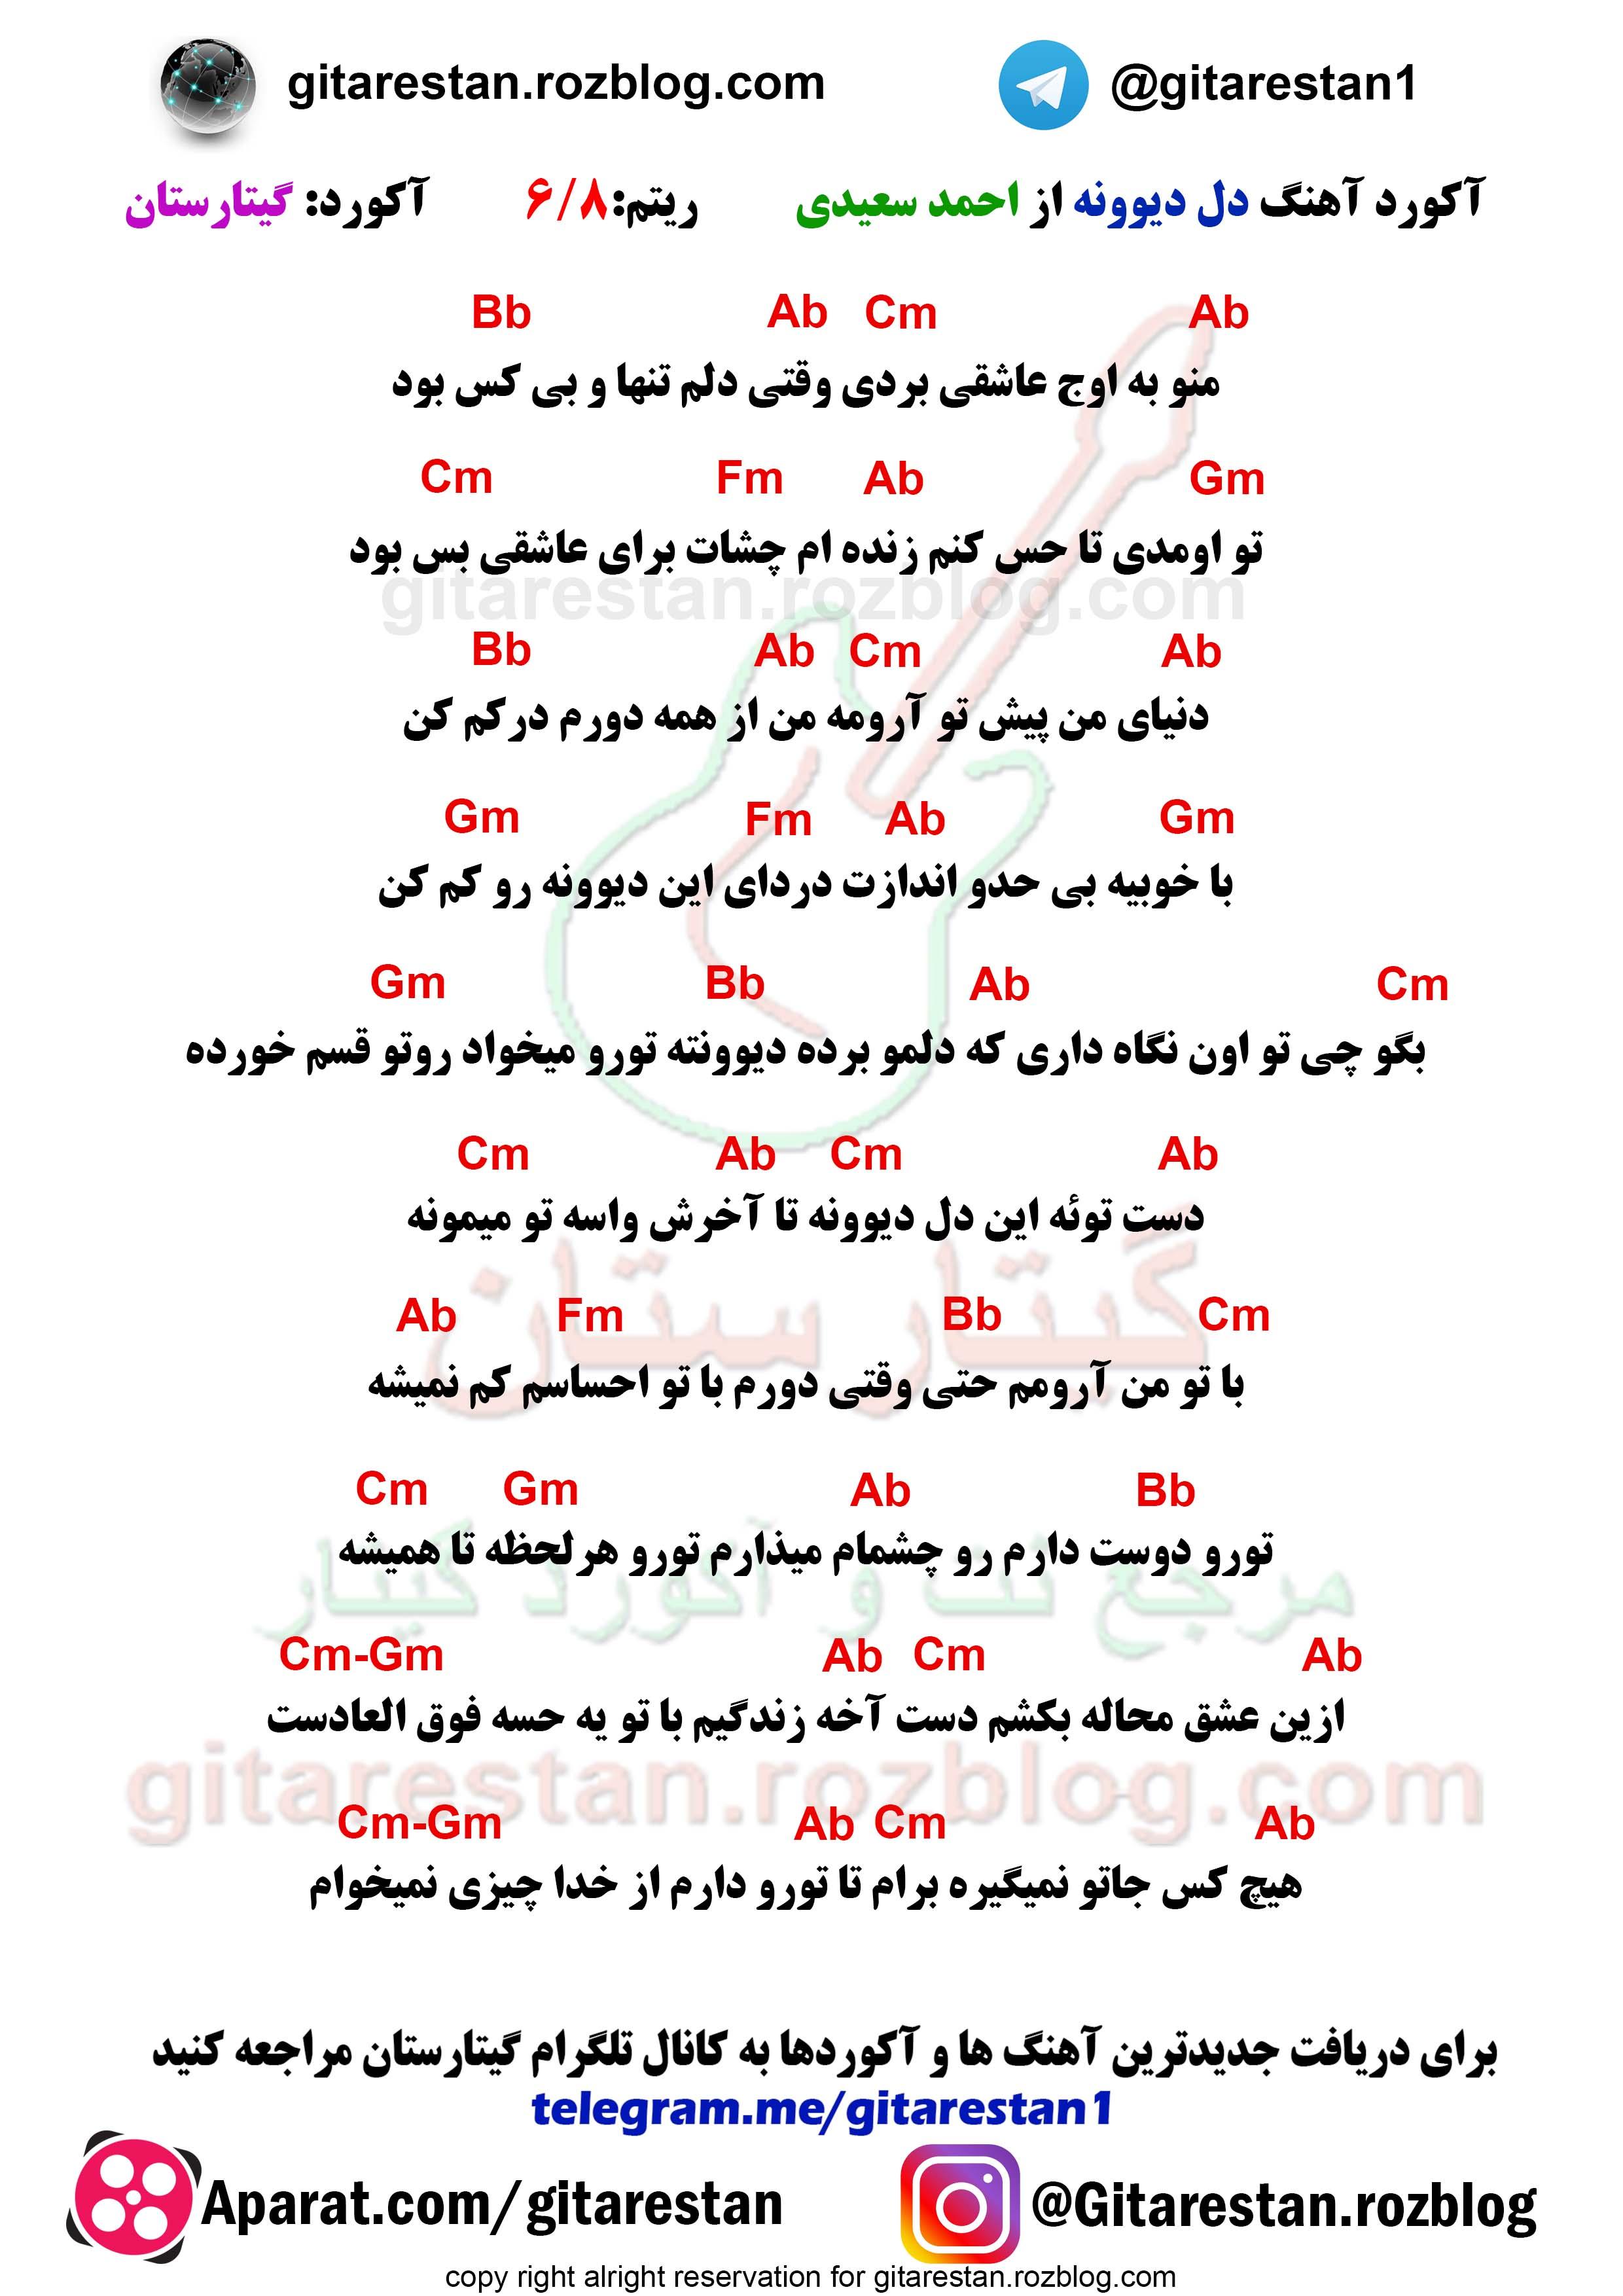 آکورد آهنگ دل دیوونه از احمد سعیدی-گیتارستان